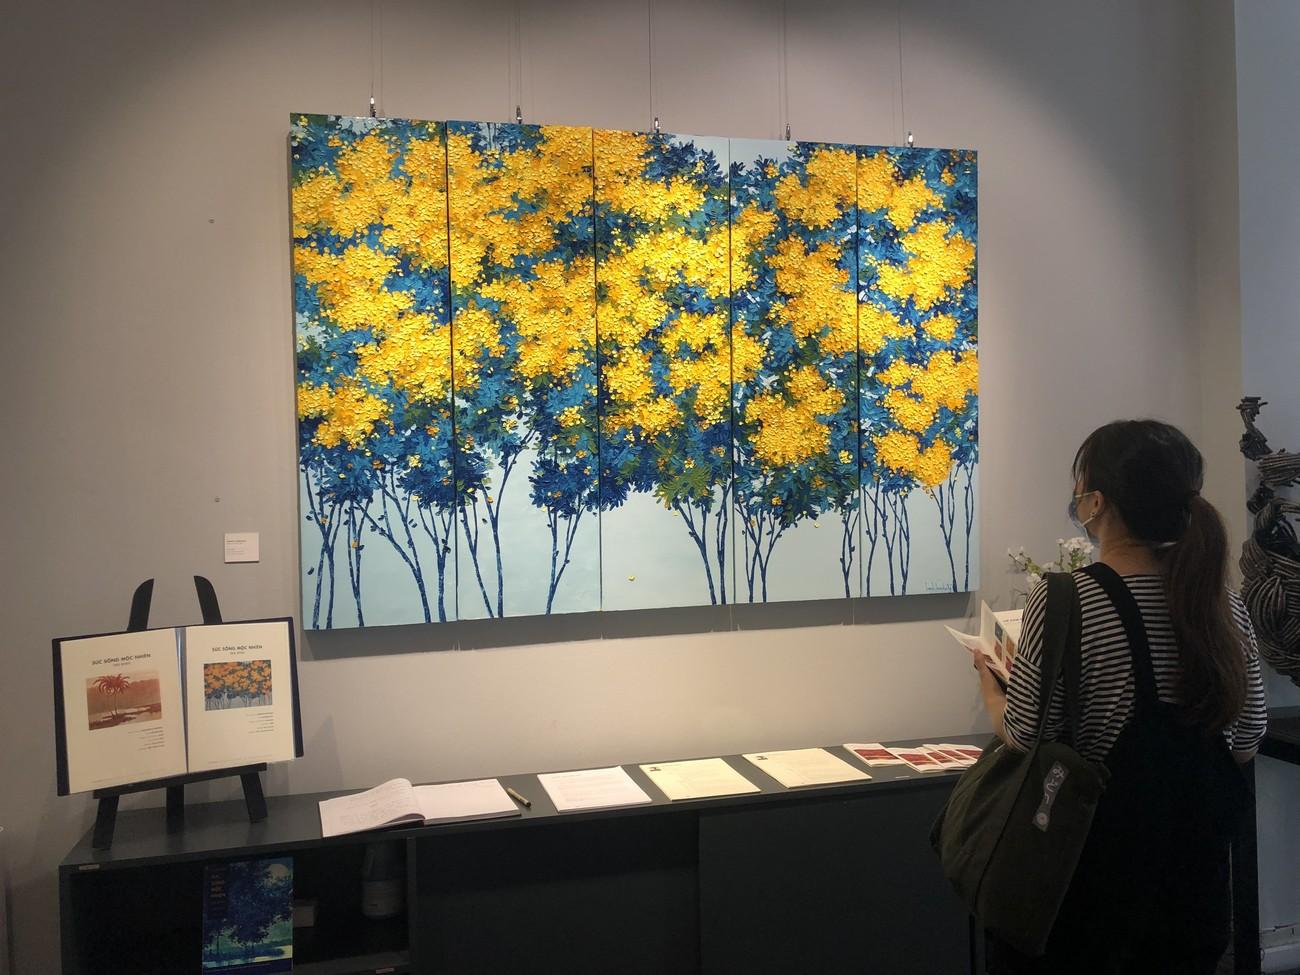 """Đắm chìm trong những bức họa thiên nhiên tại triển lãm """"Sức Sống Mộc Nhiên"""" ảnh 2"""